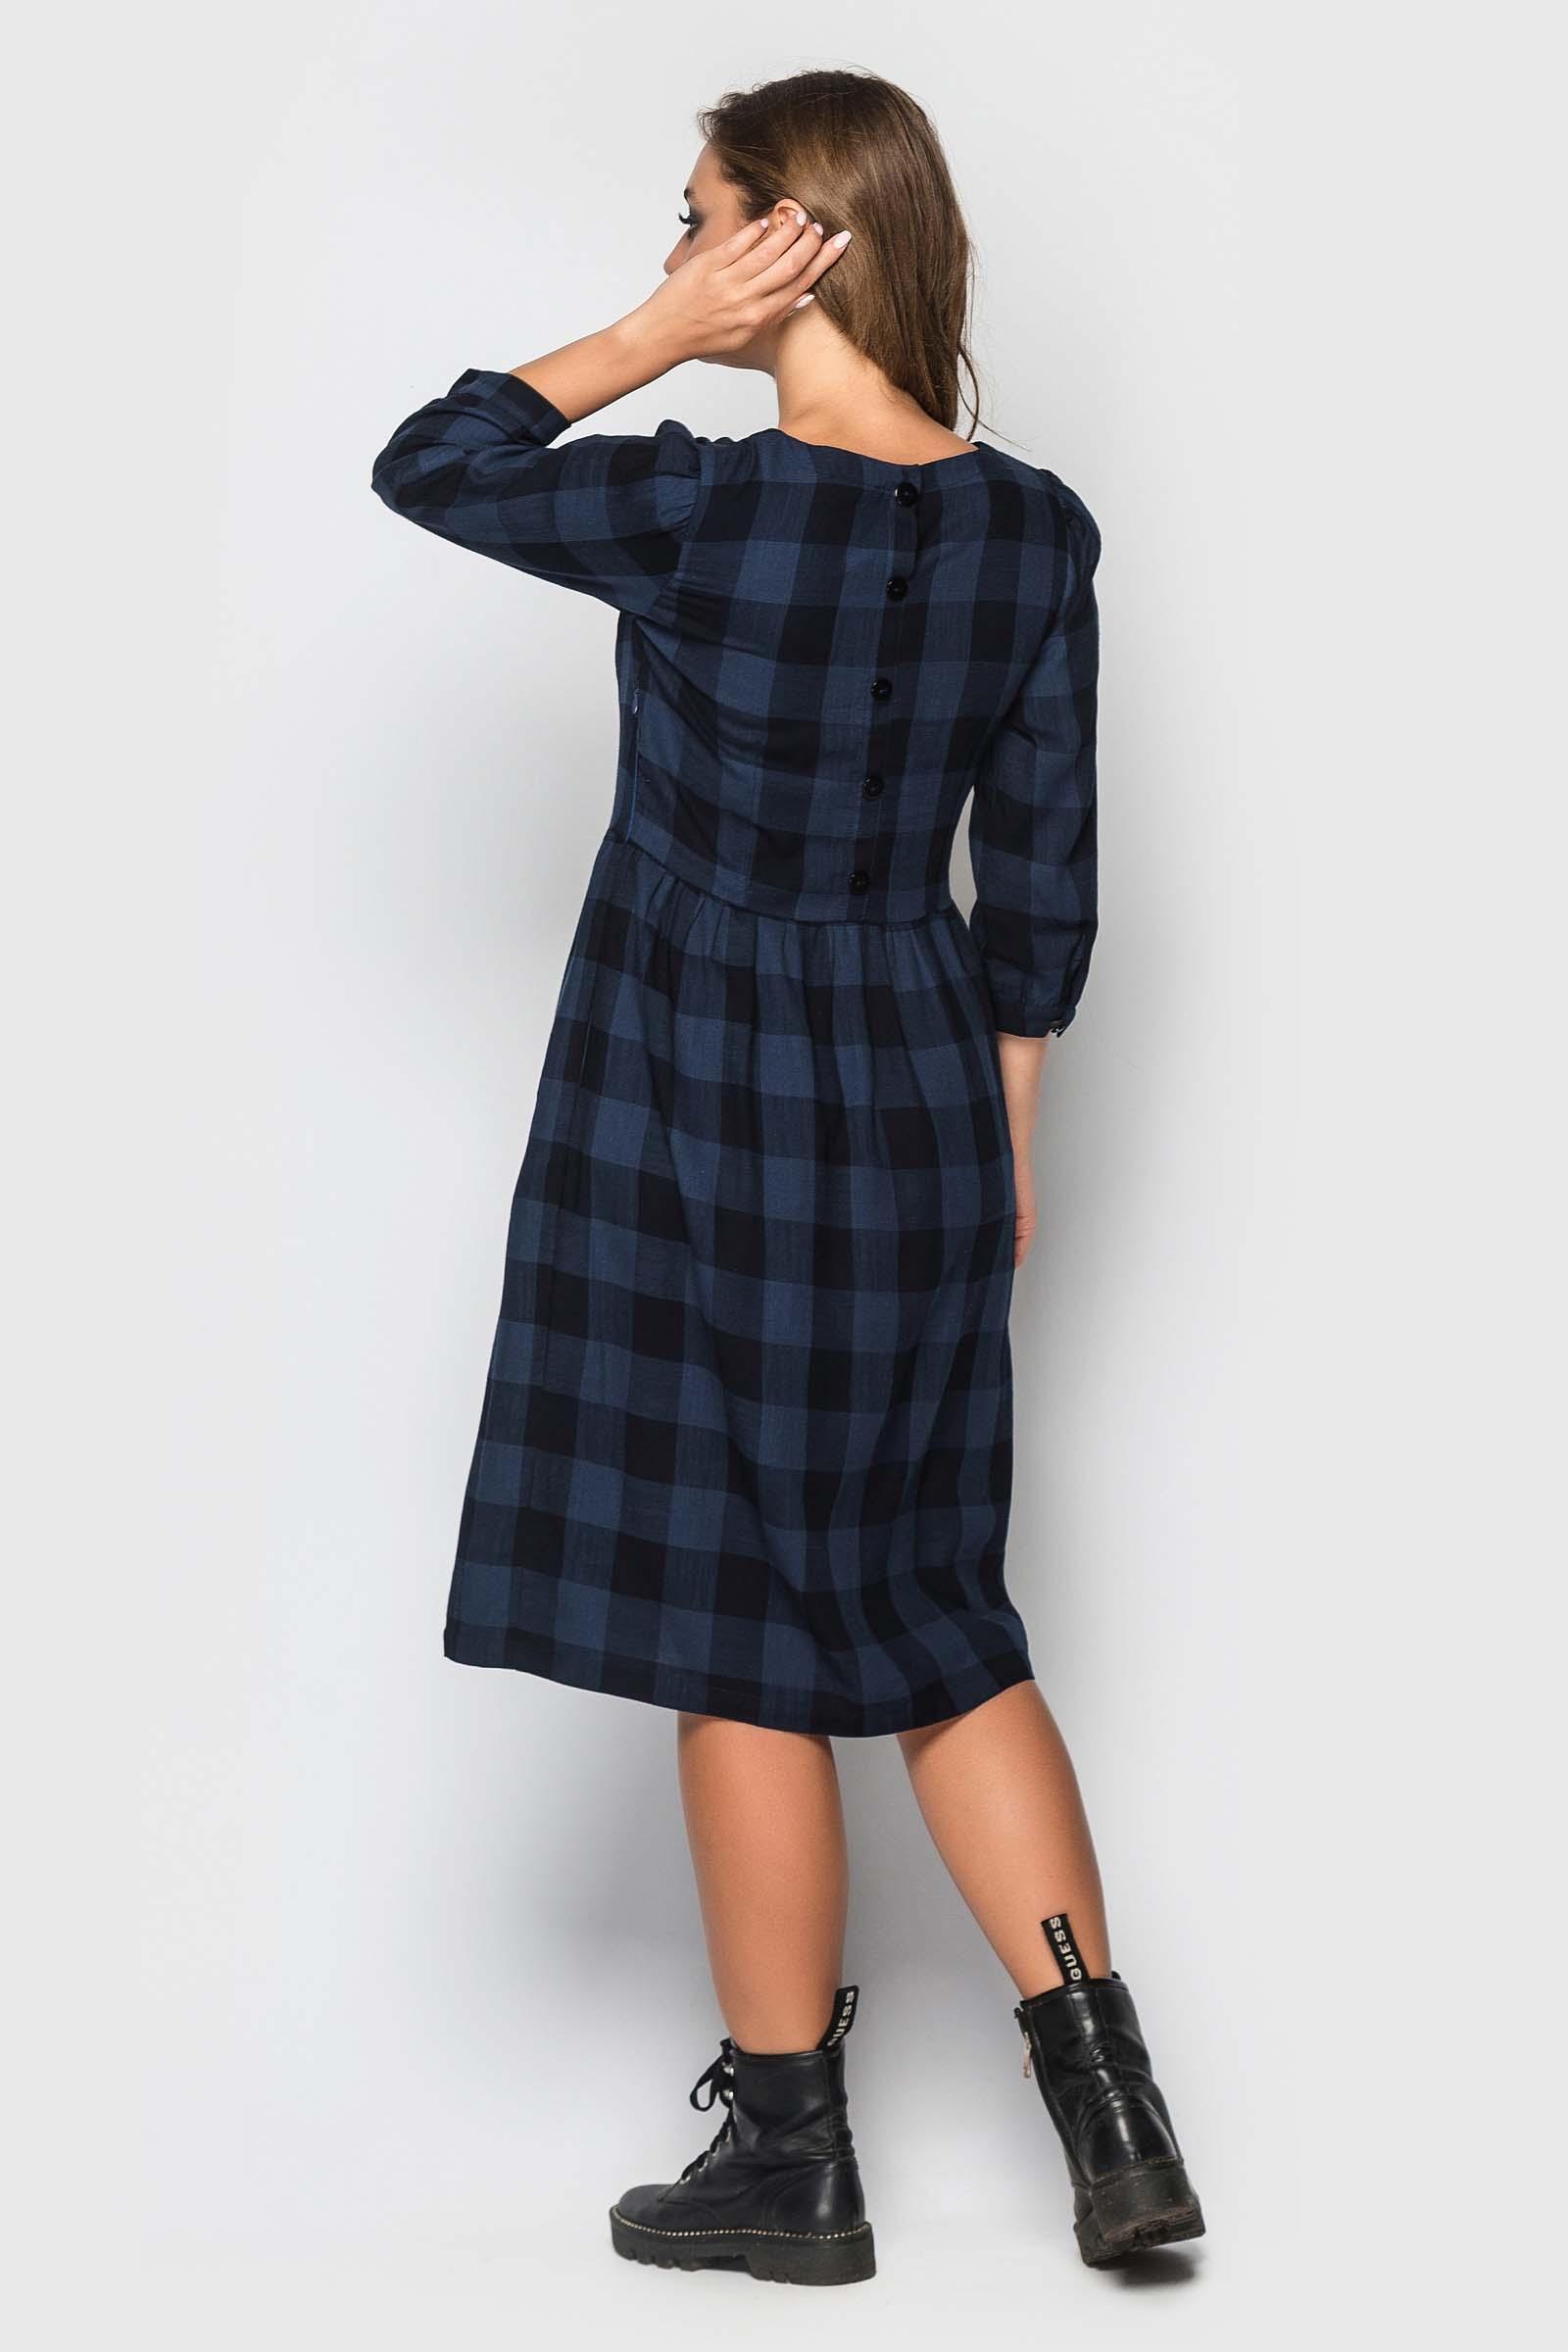 2020 01 23 338098 Купить платье